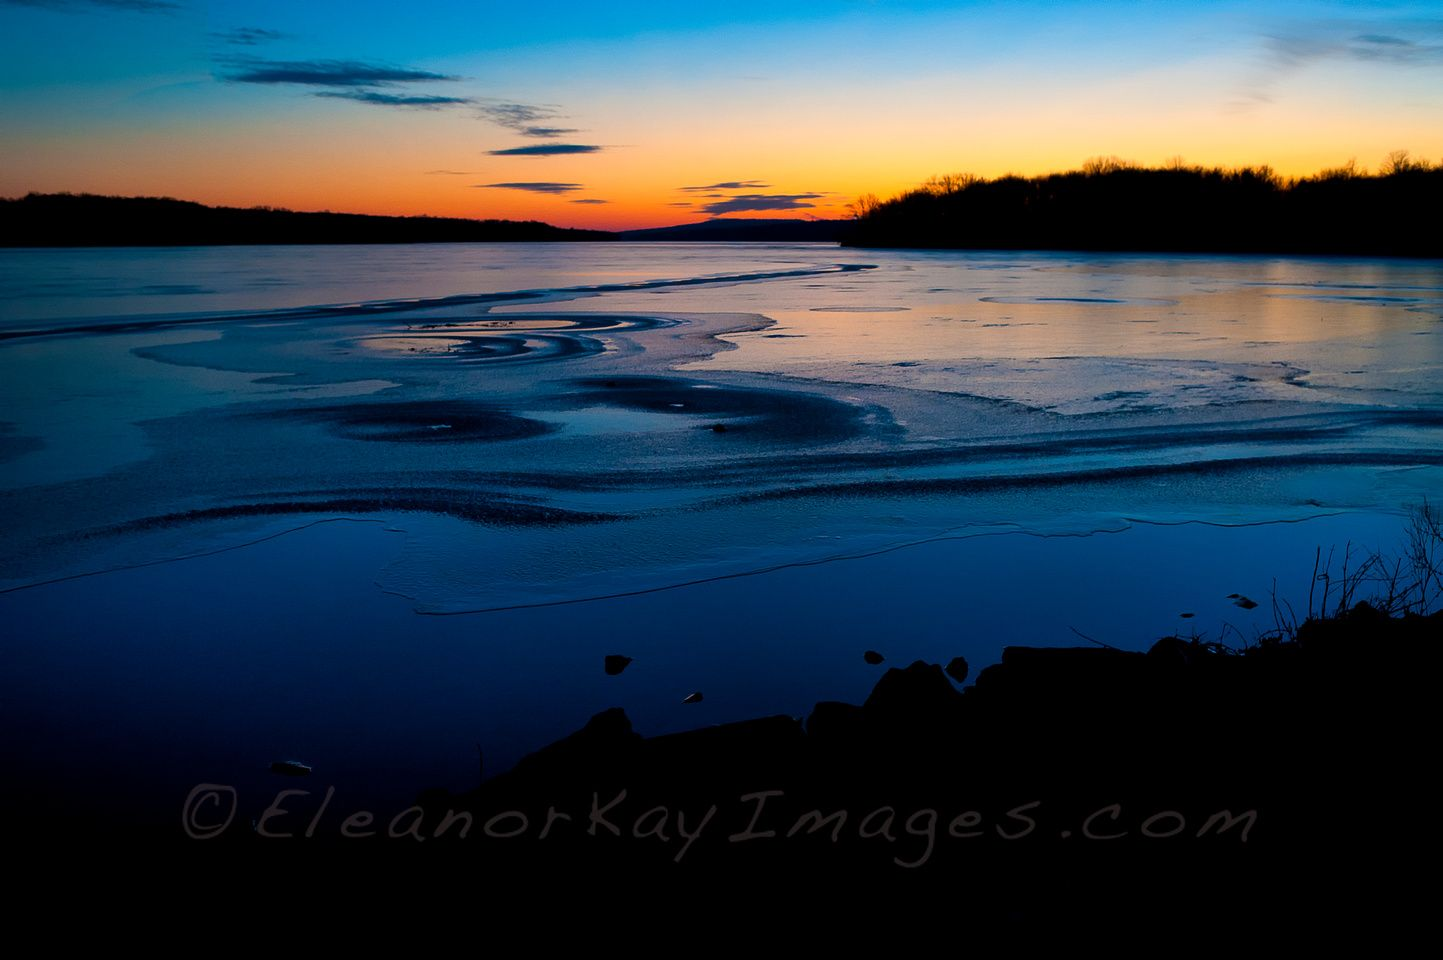 Sunset on Ice at Lake Nockamixon State Park, Pennsylvania